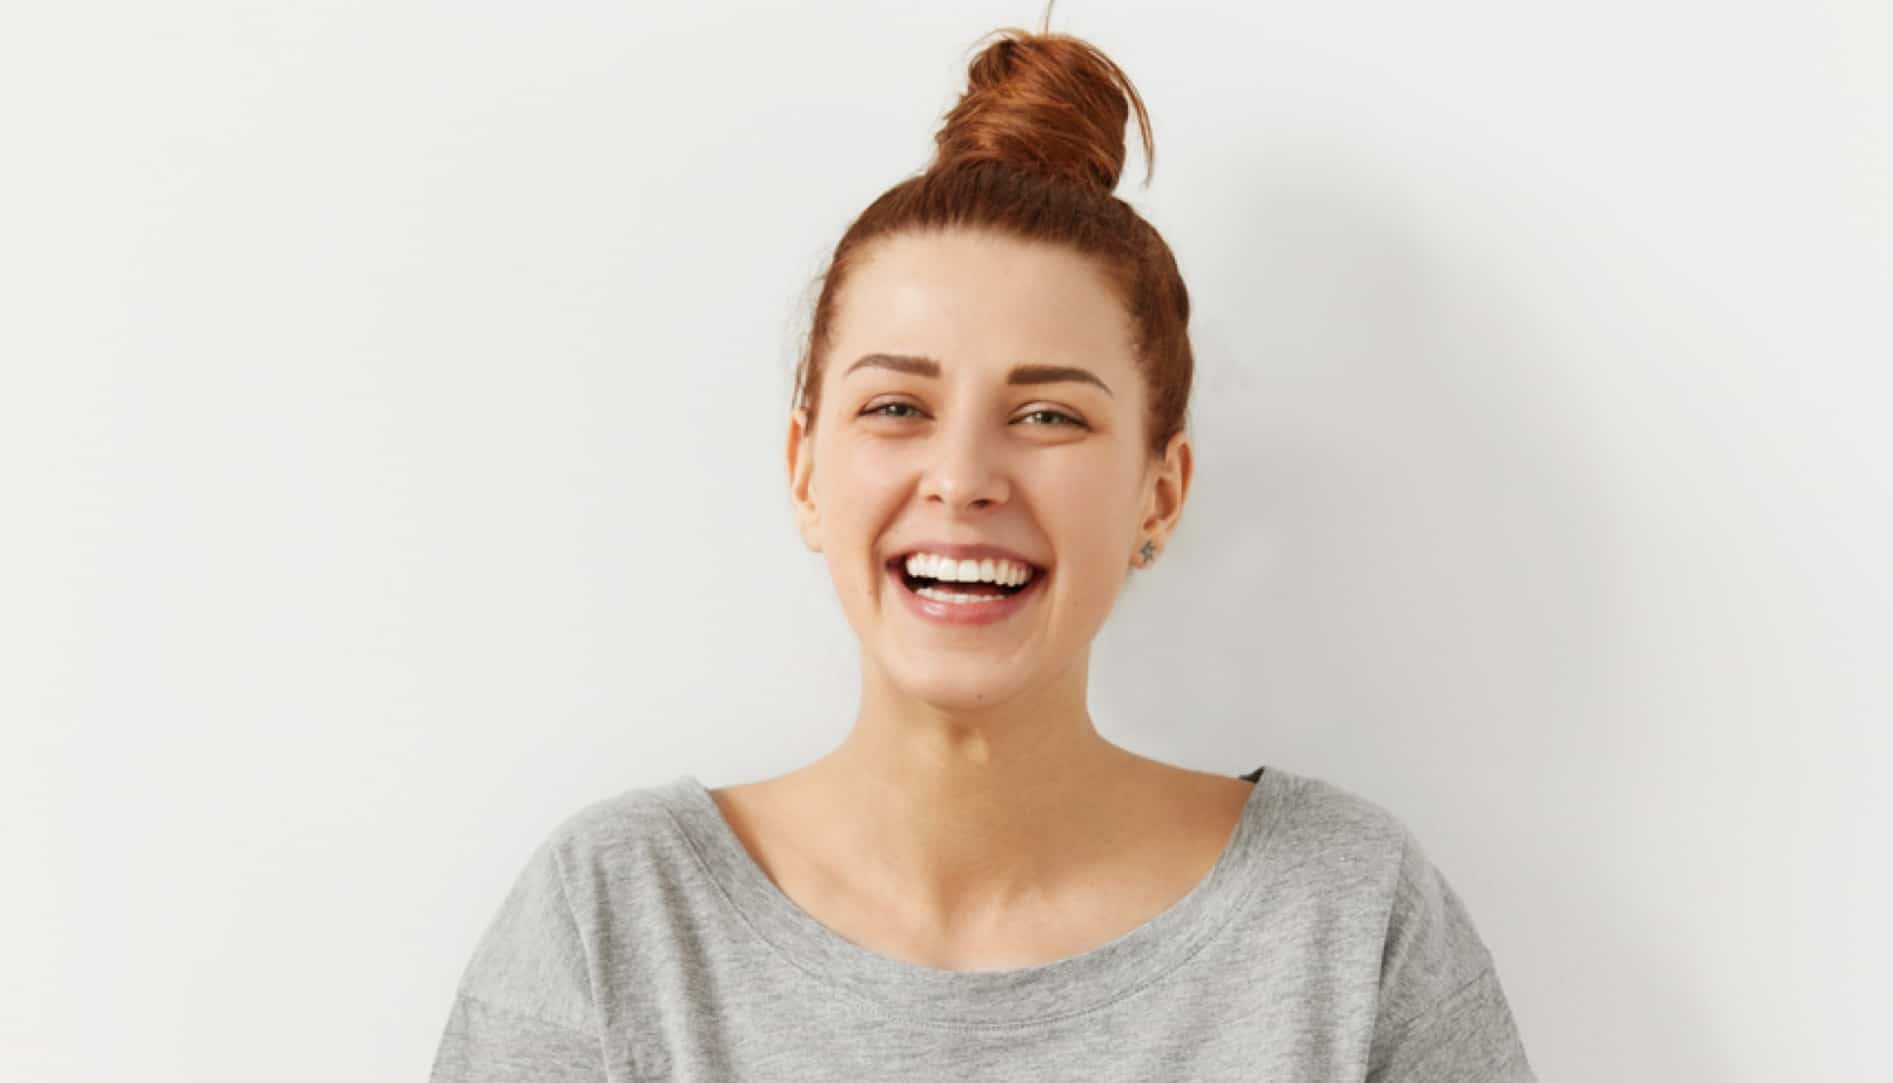 לקוח מחייך יישור שיניים שקוף